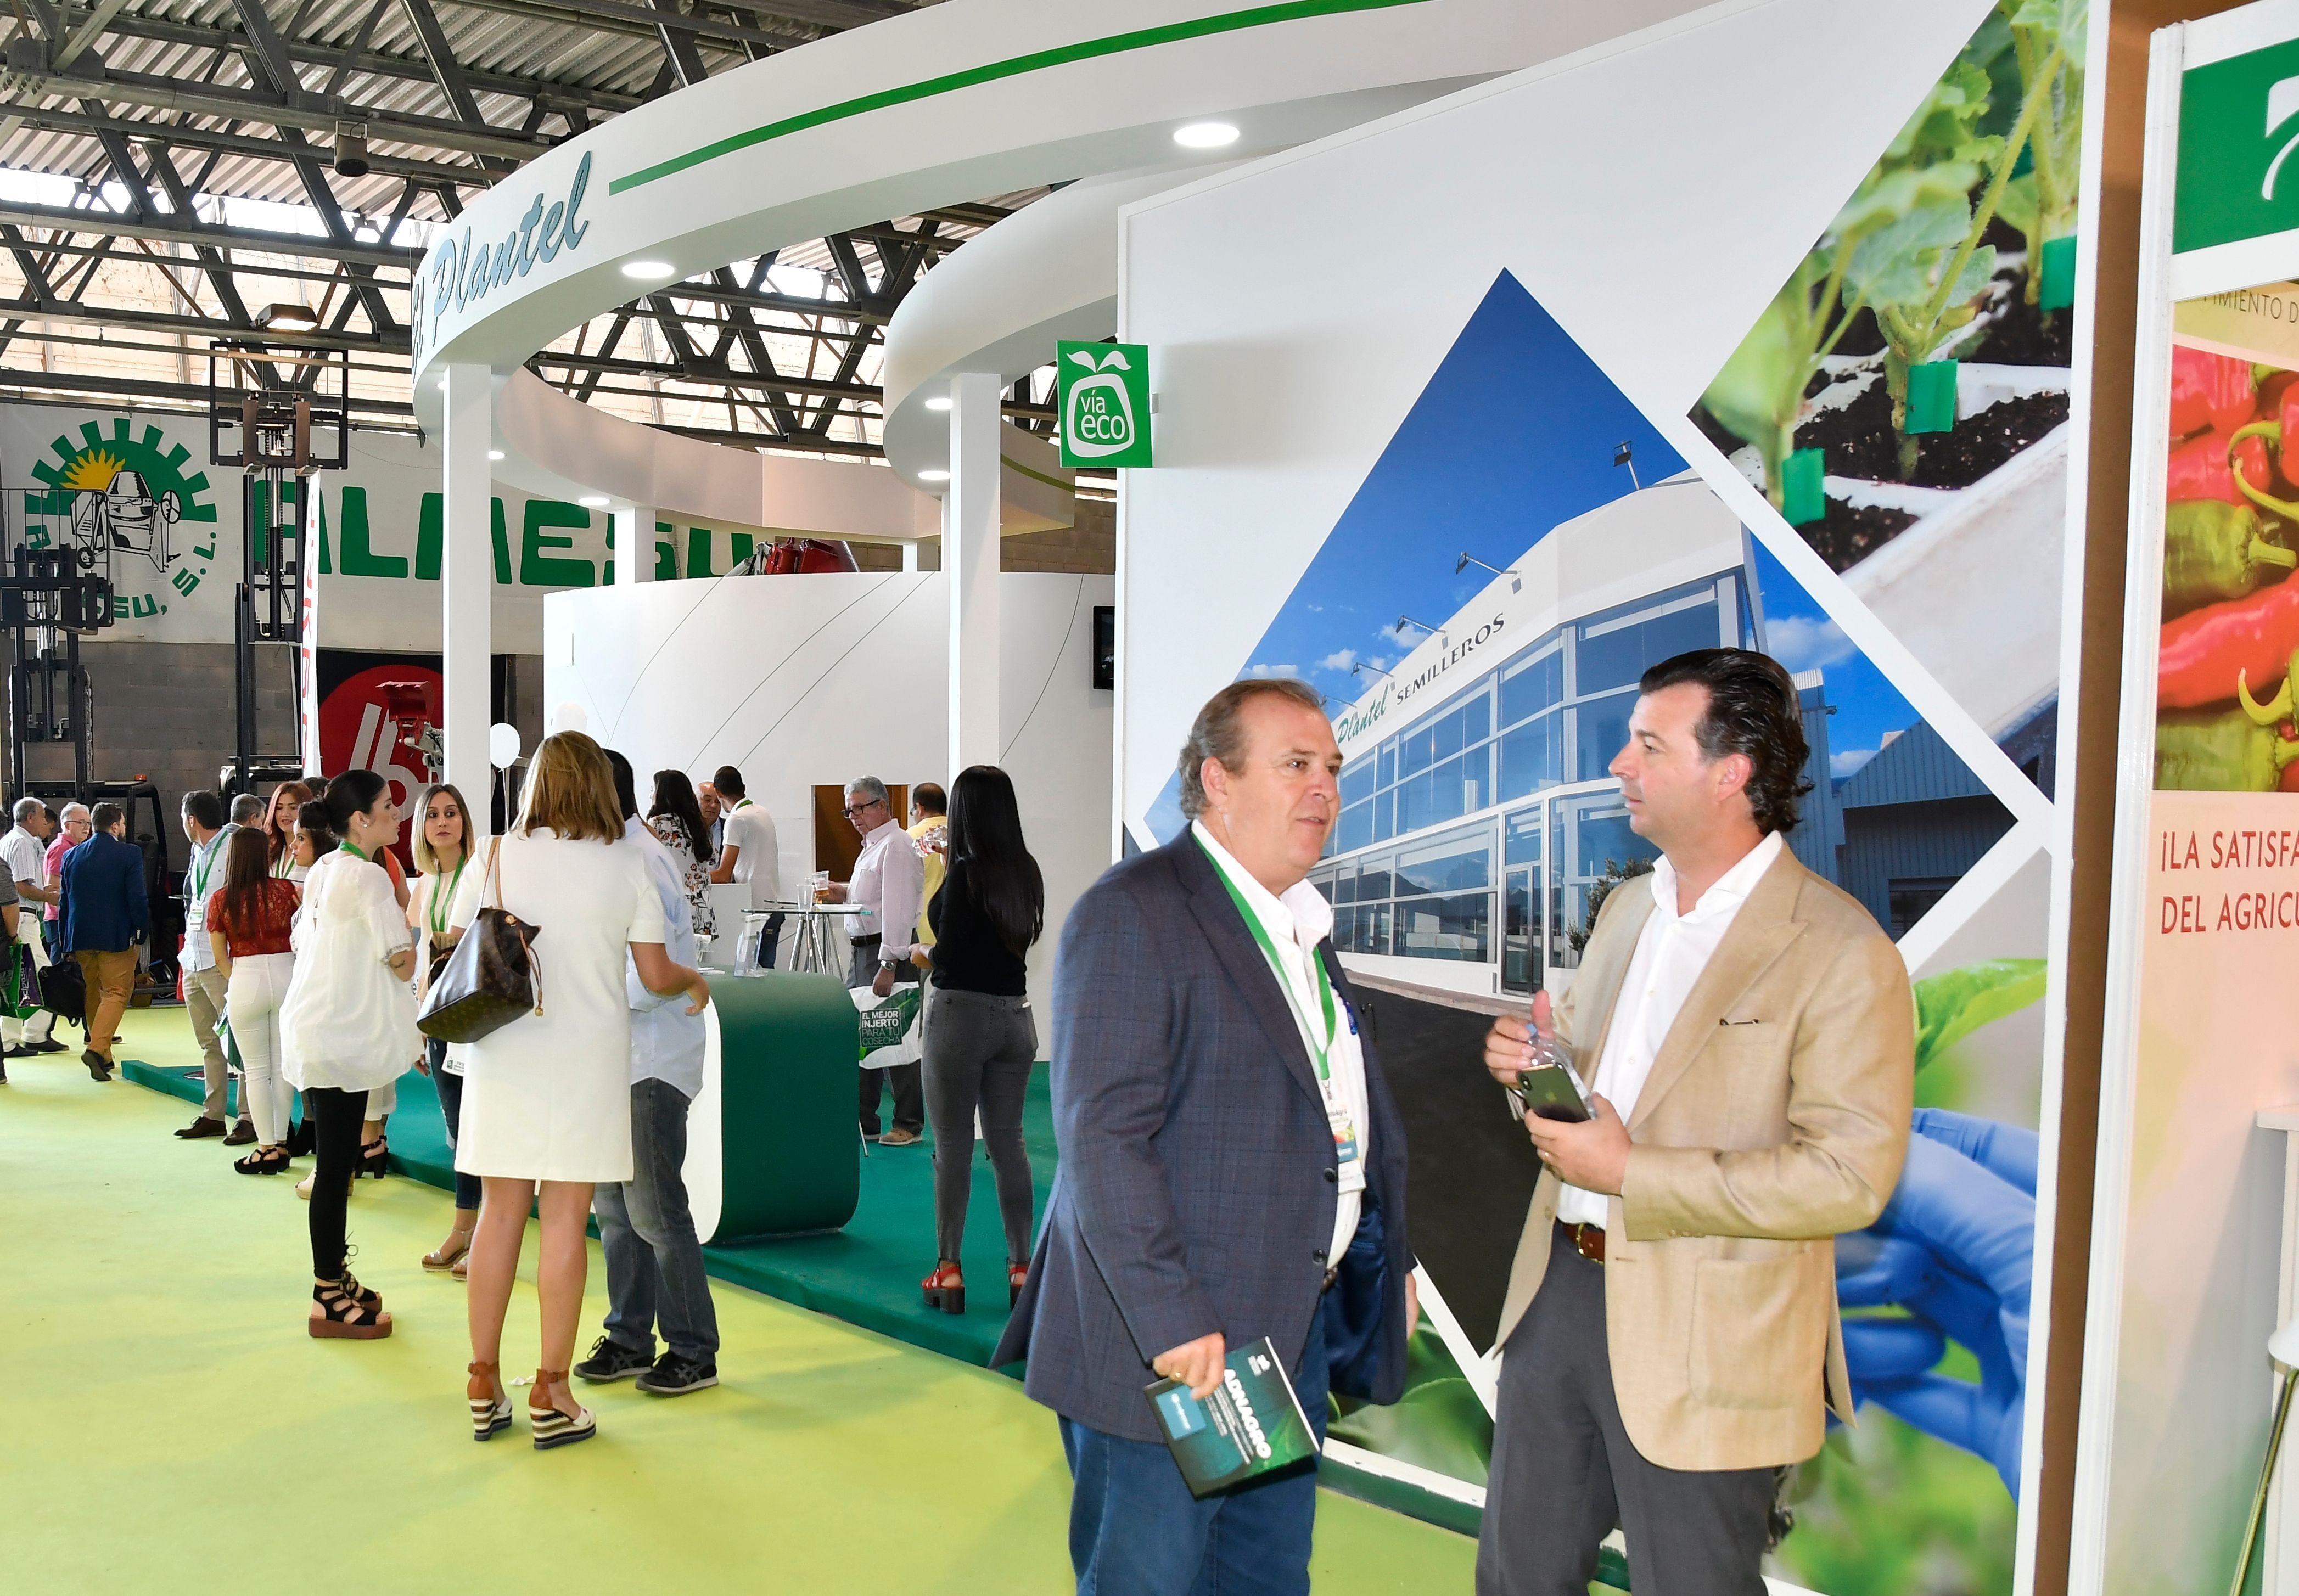 El Plantel Semilleros, una de las empresas adscritas al distintivo Vía Eco en Infoagro Exhibition 2019 por contar con productos para agricultura ecológica